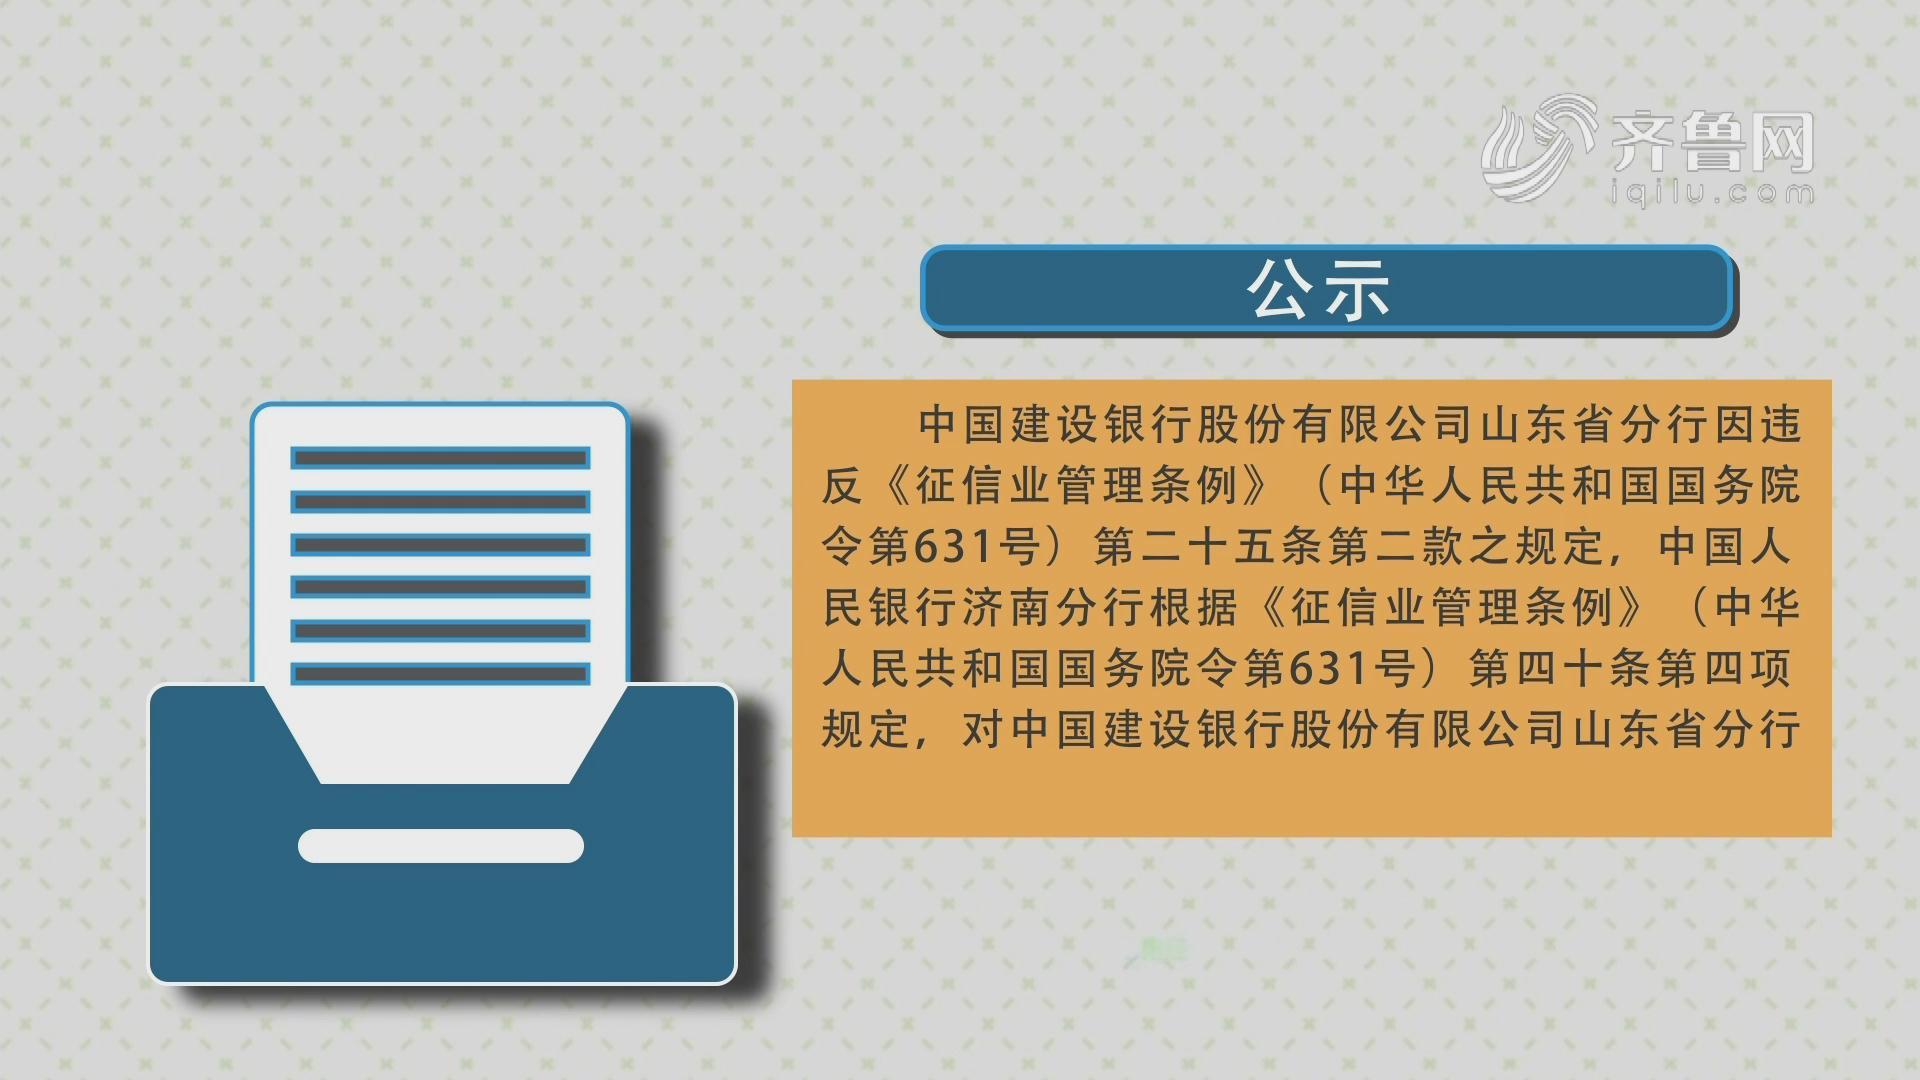 中国人民银行济南分行等银行公布了对中国建设银行股份有限公司山东省分行等多家银行金融机构的处罚公示《齐鲁金融》20200108播出